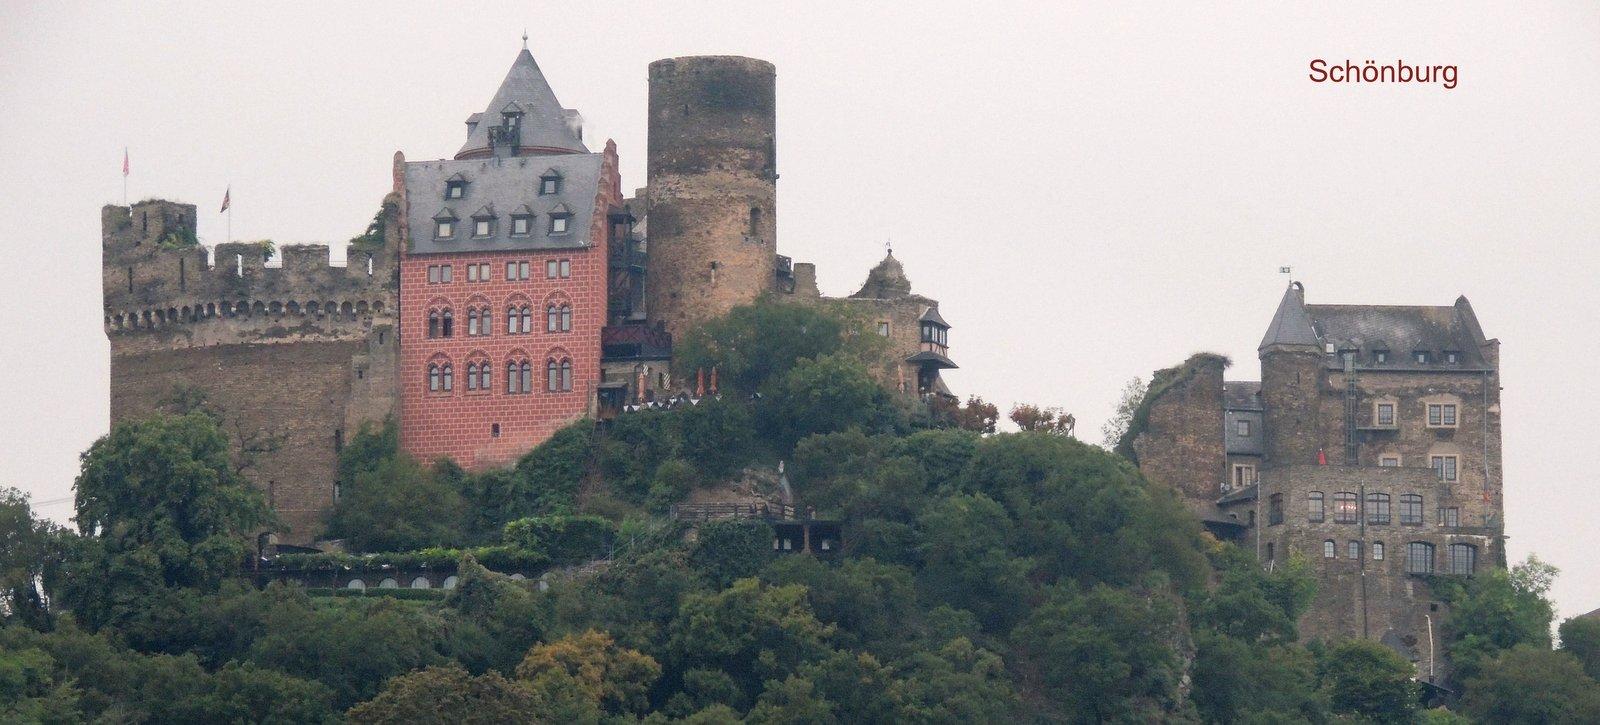 Schönburg über dem Rhein